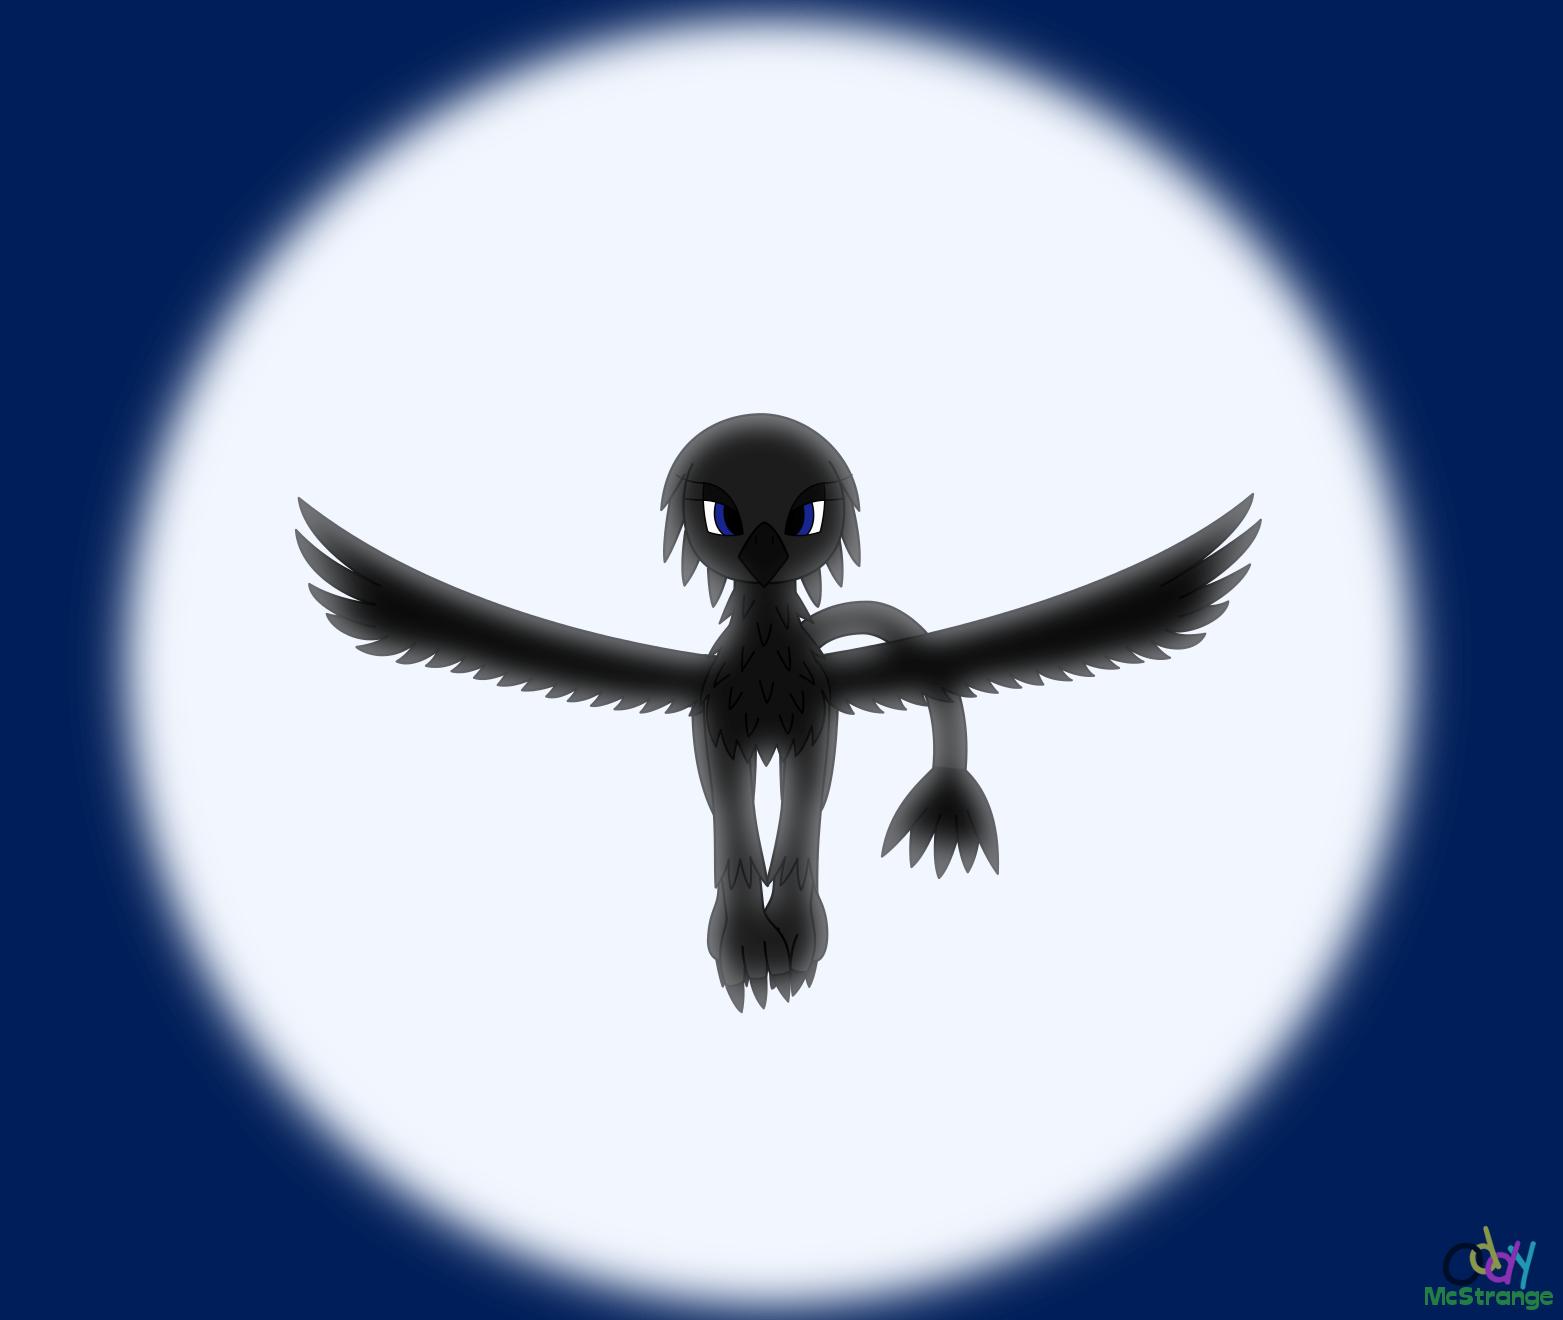 Nevermore - Moonlight Flight